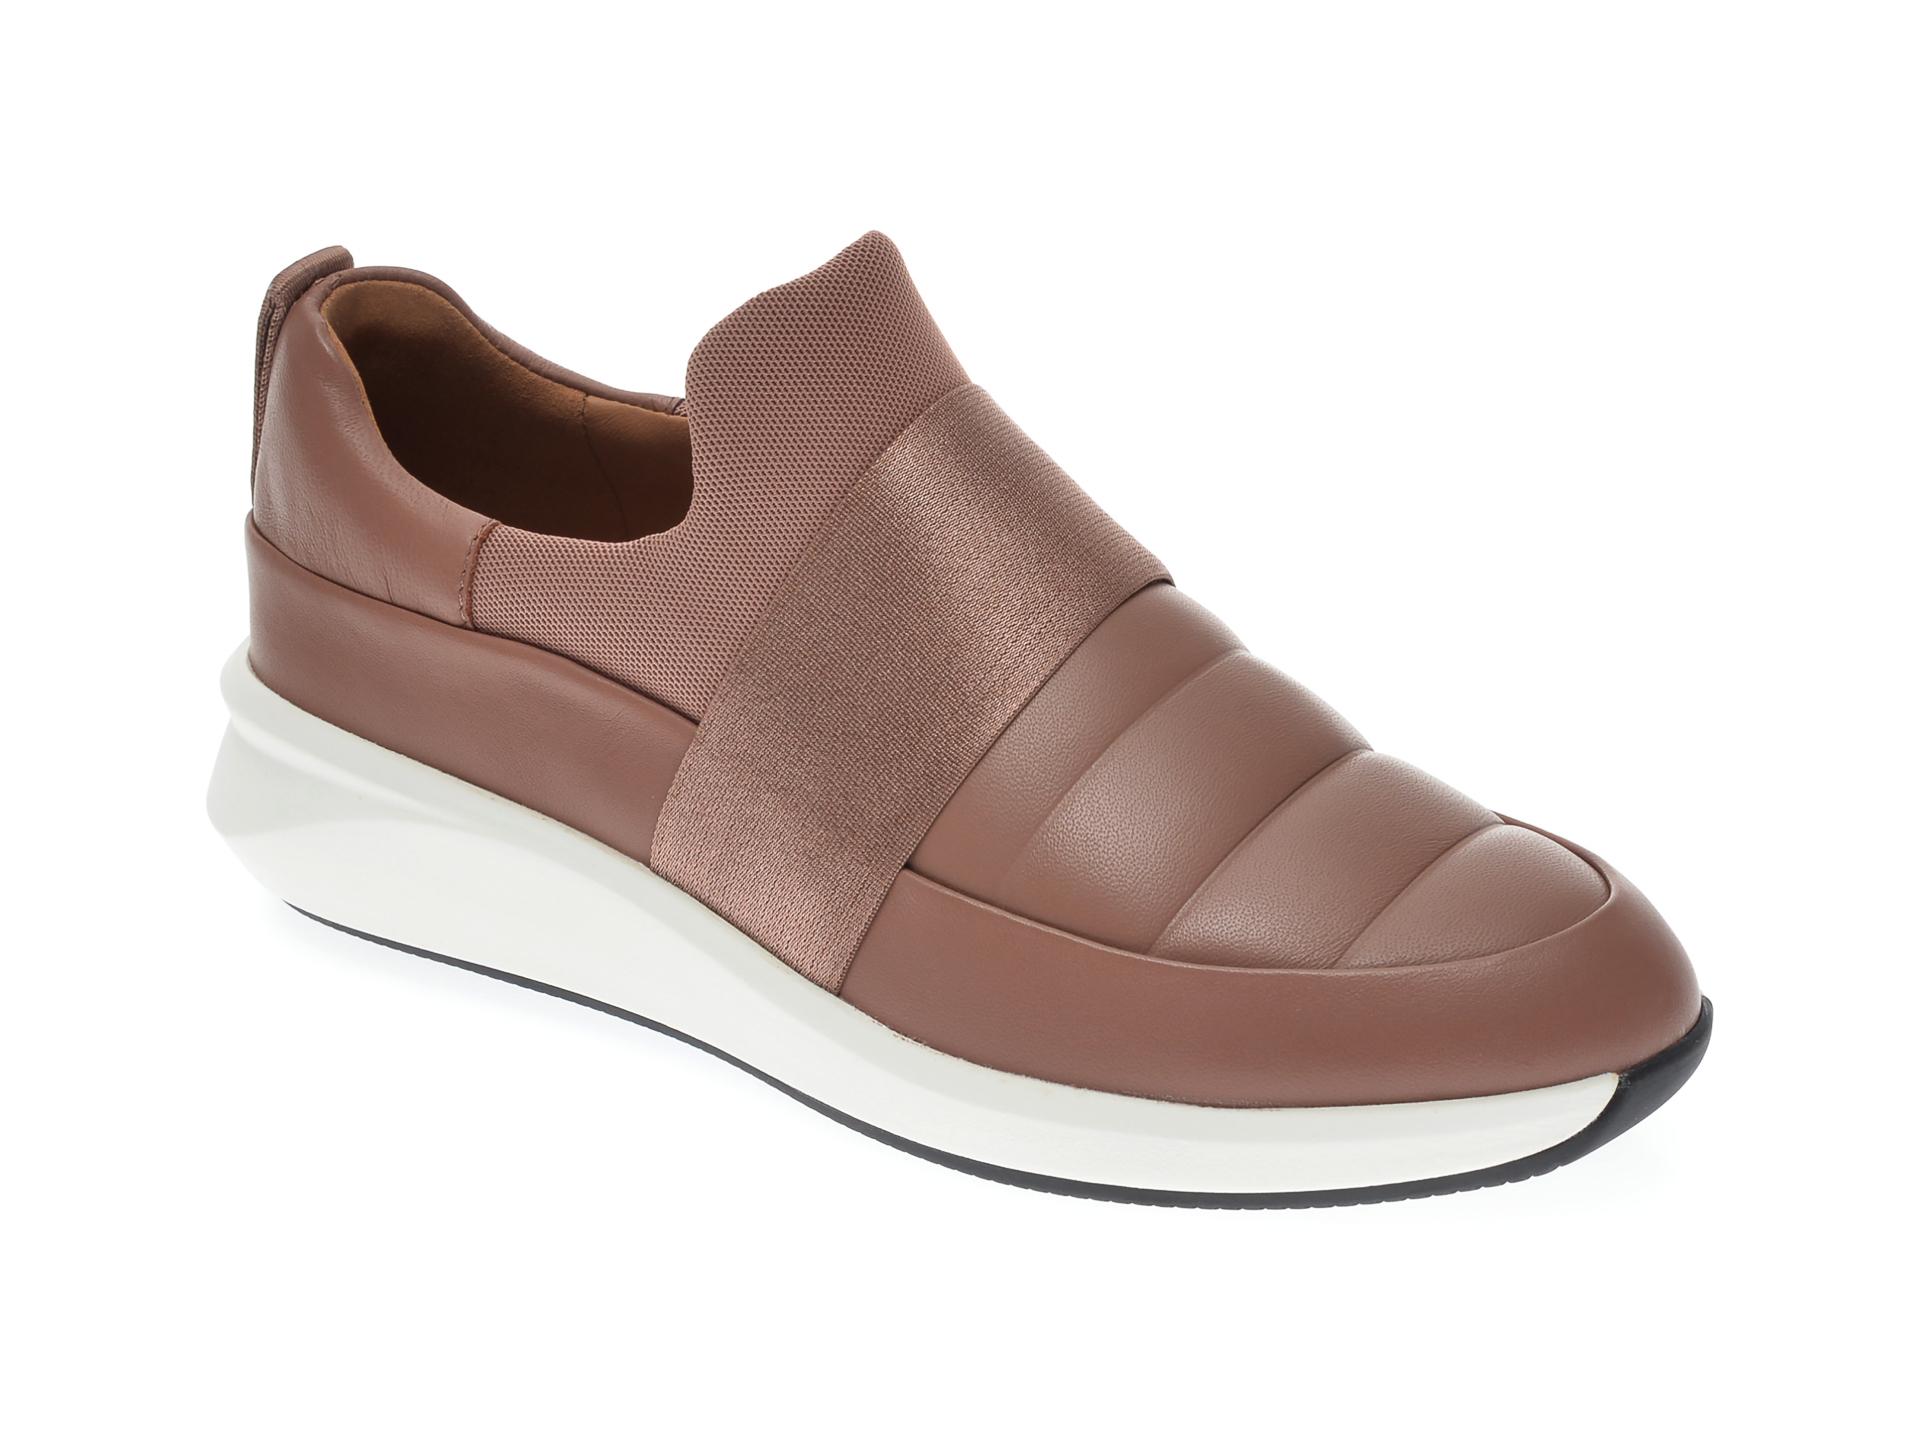 Pantofi CLARKS nude, UN RIO LO, din piele naturala